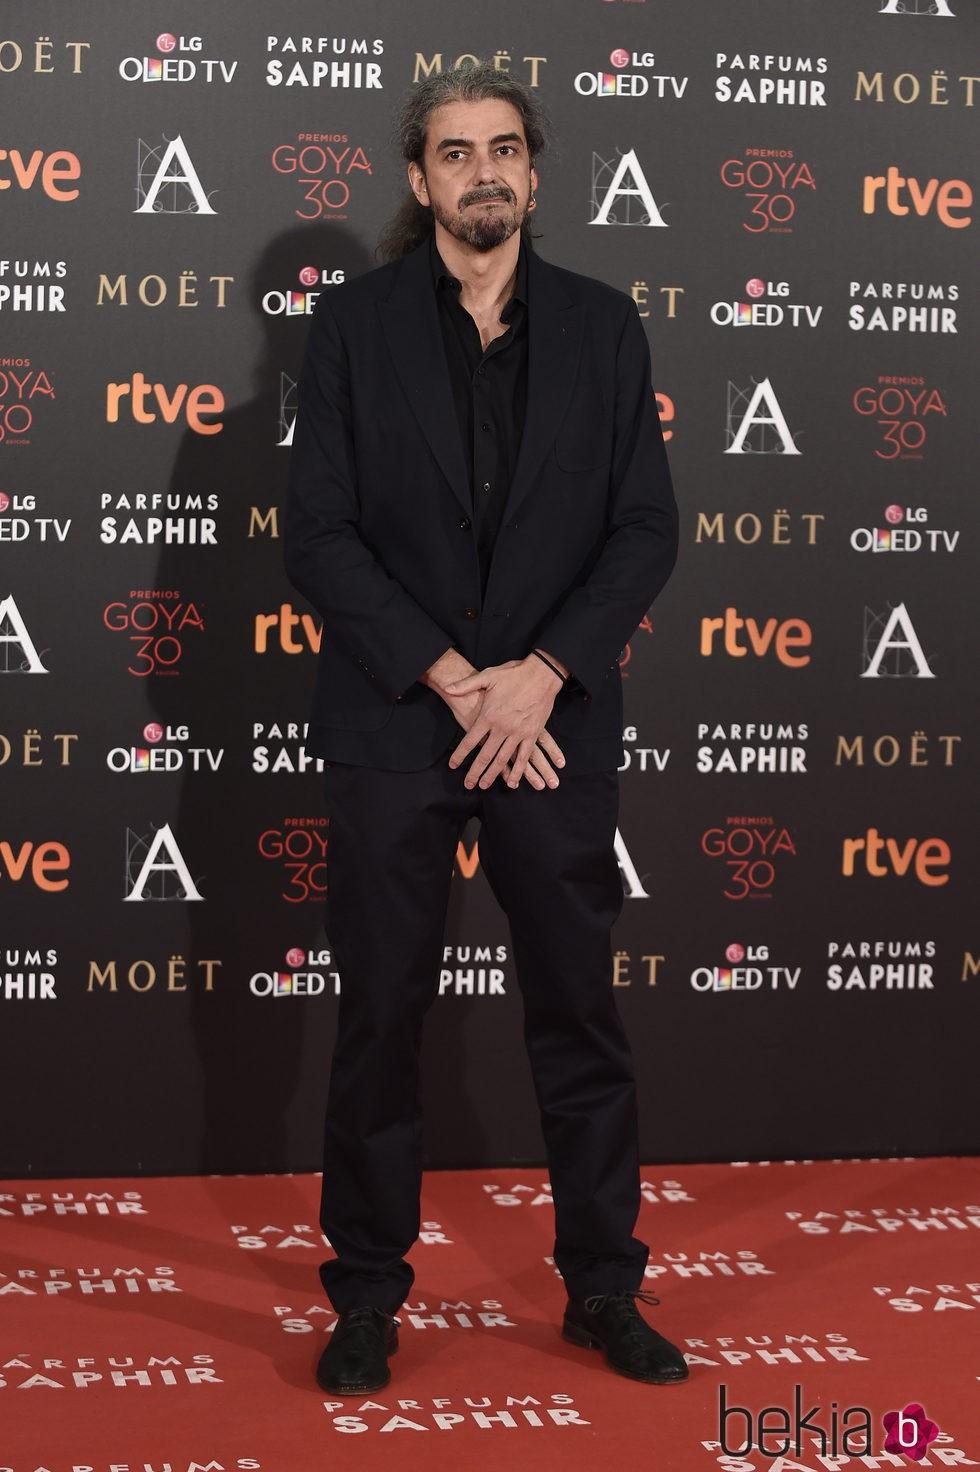 Fernando León de Aranoa en la alfombra roja de los Premios Goya 2016